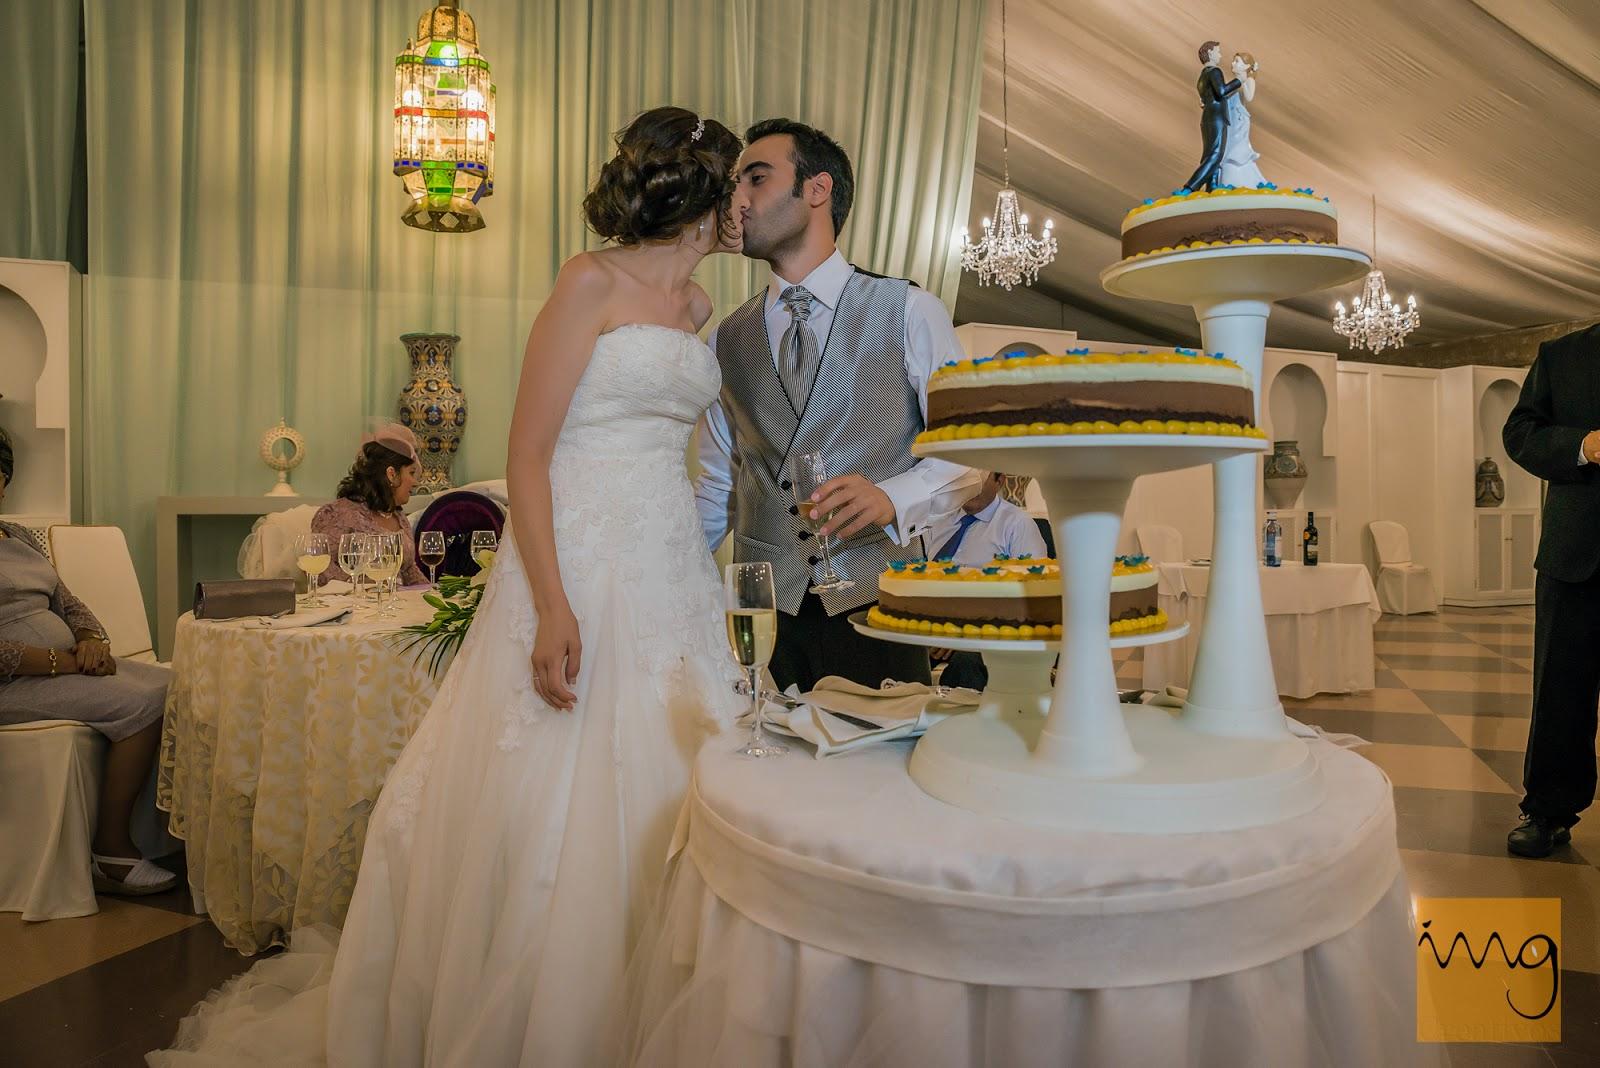 Beso de los novios al cortar la tarta